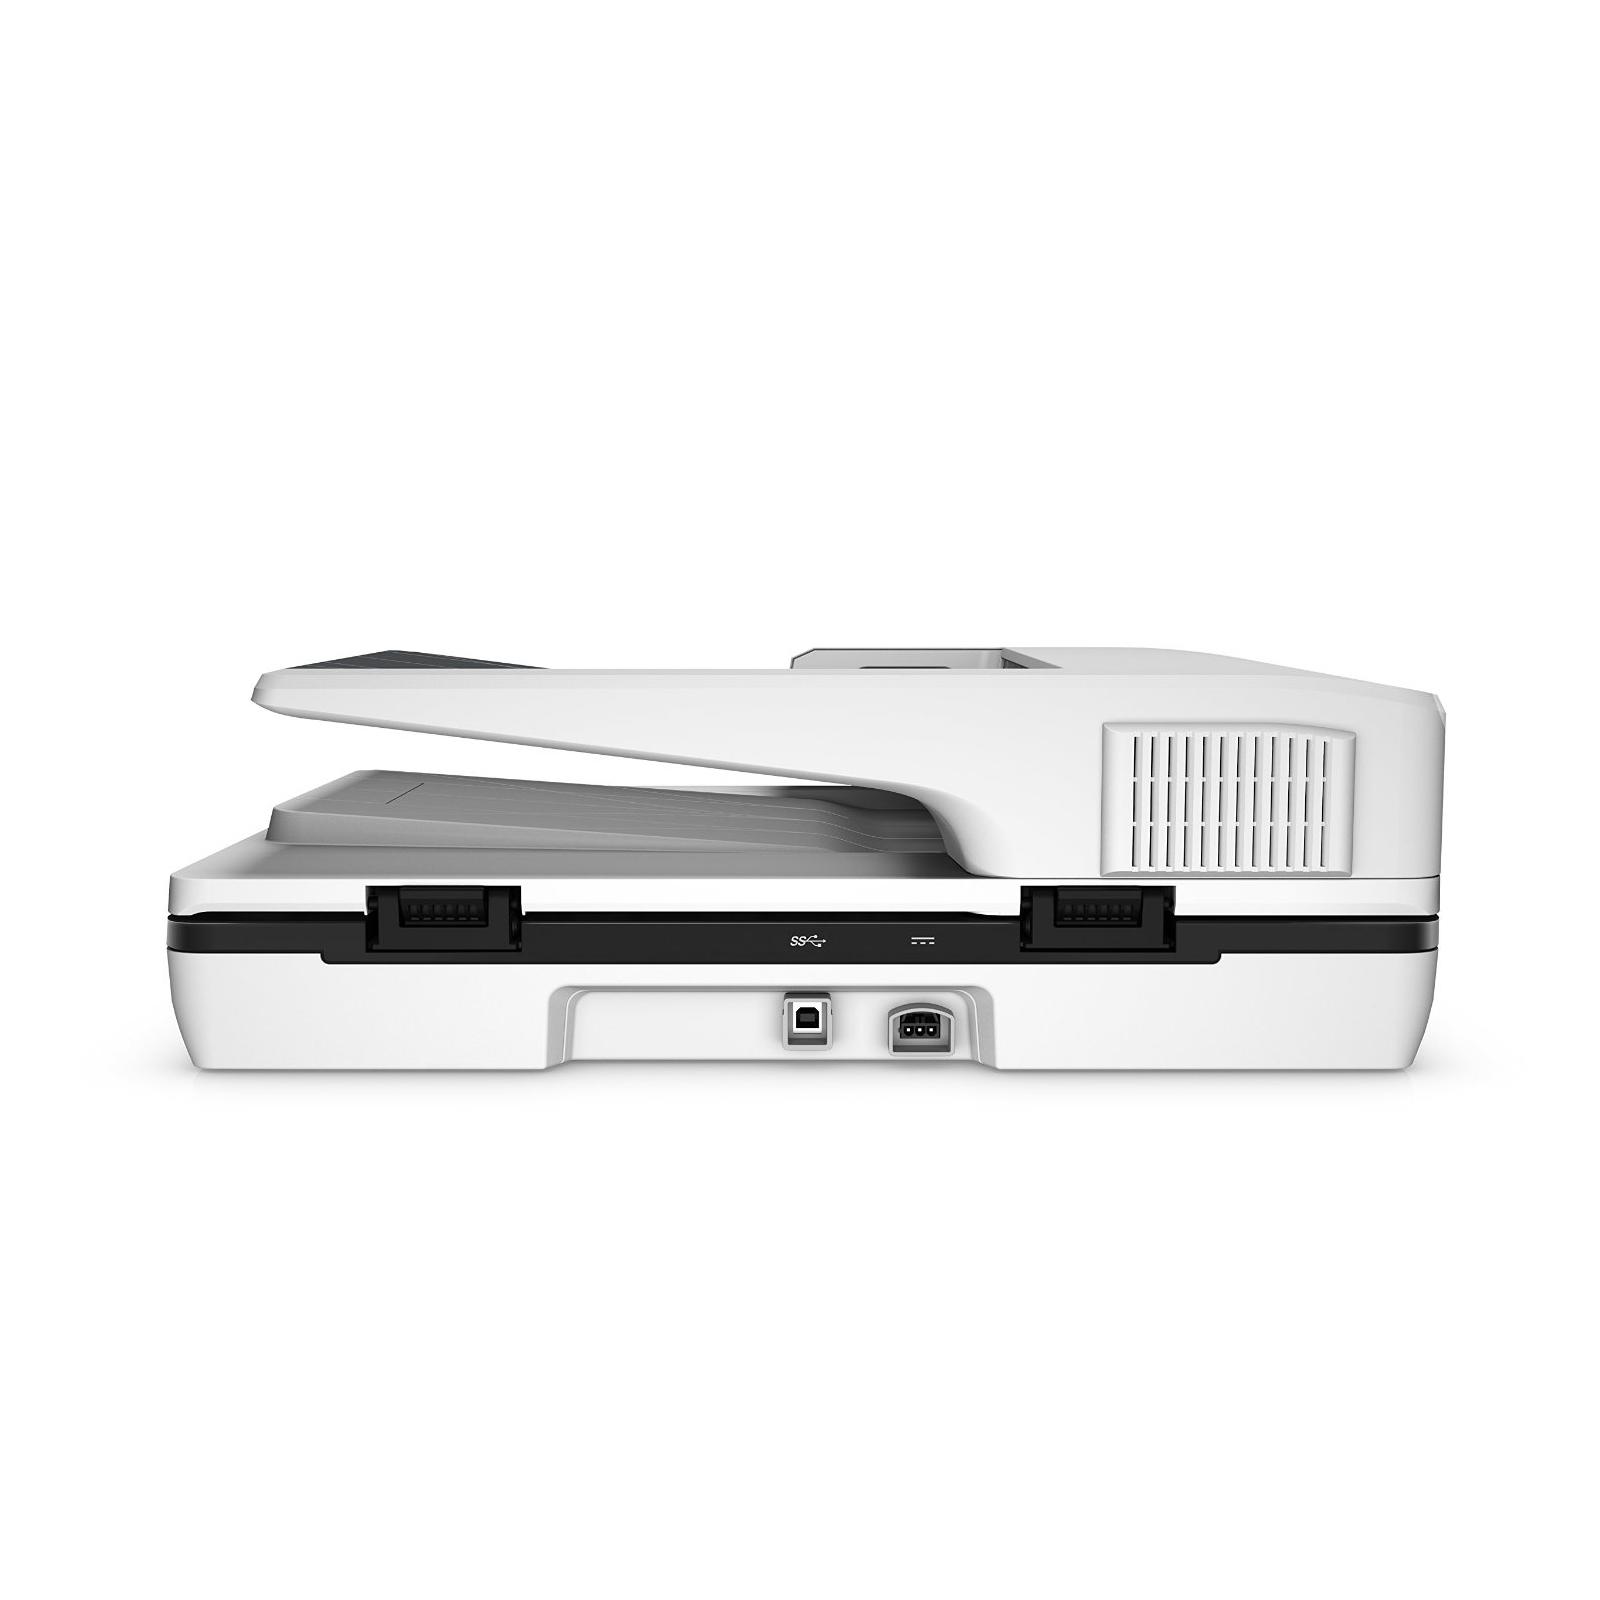 Сканер HP Scan Jet Pro 3500 f1 (L2741A) изображение 6